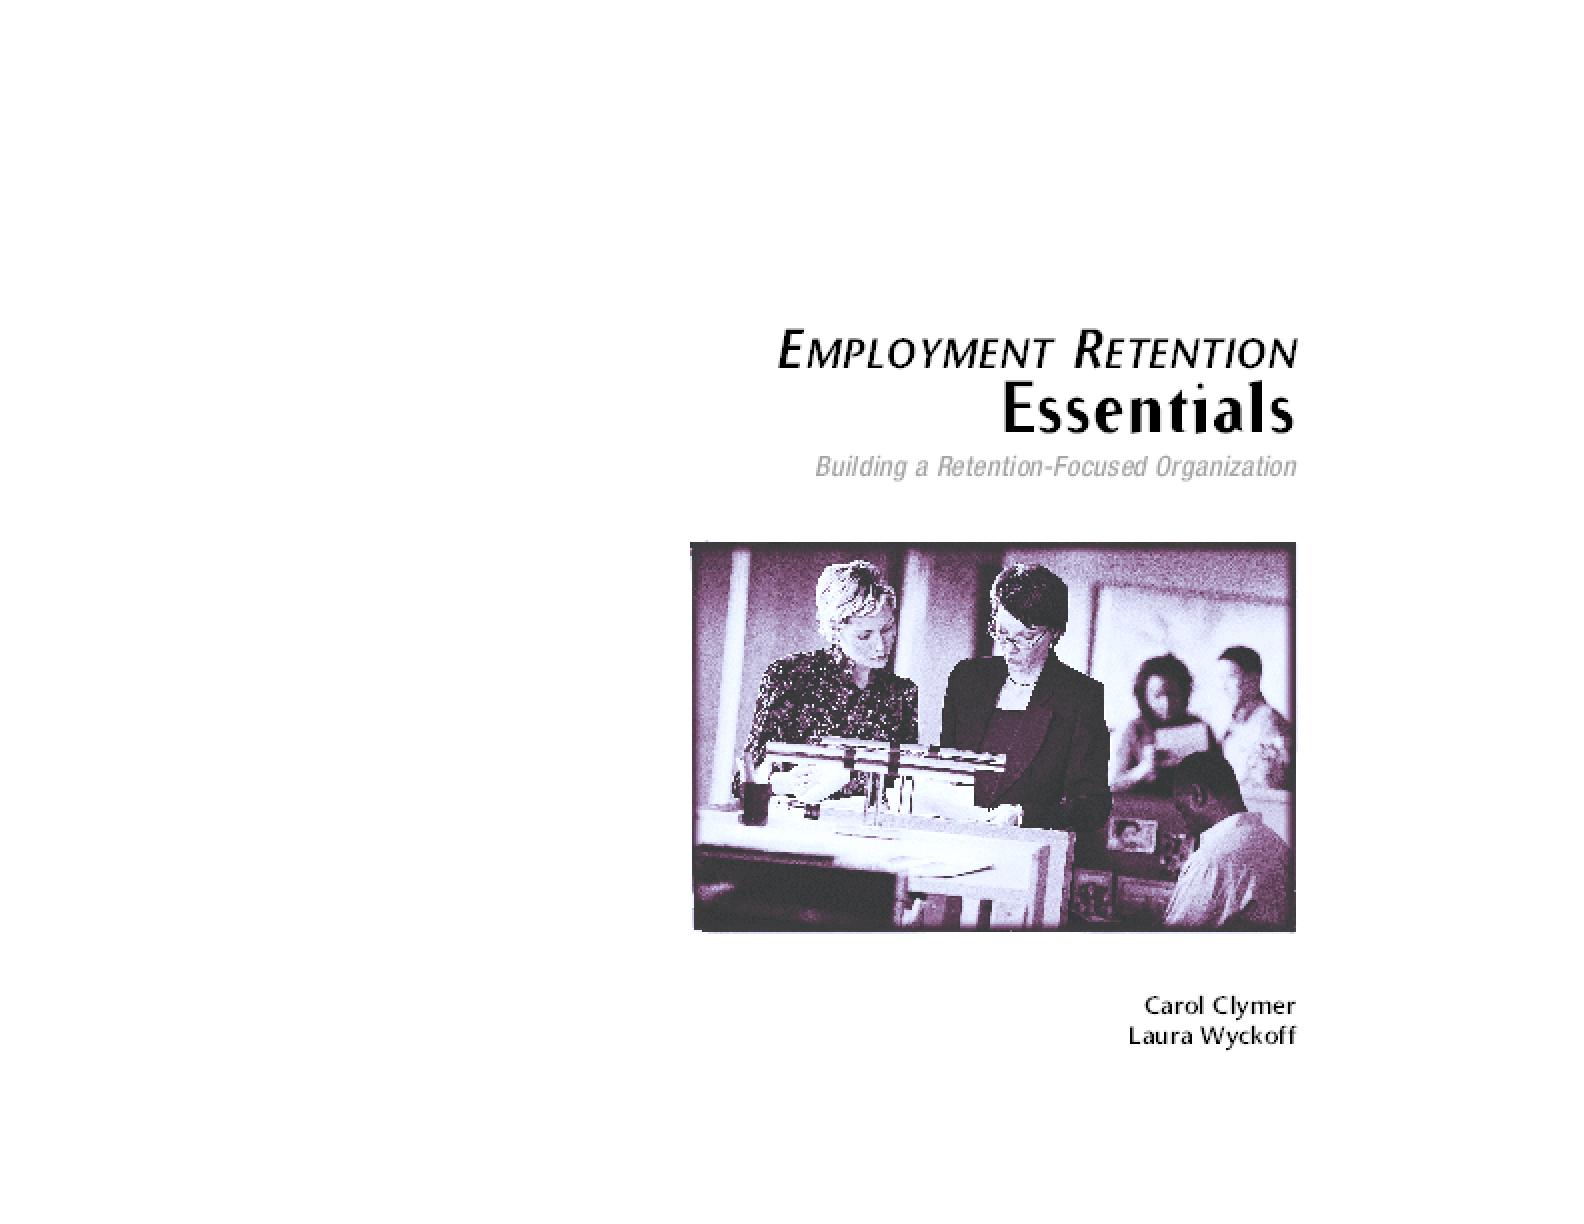 Employment Retention Essentials